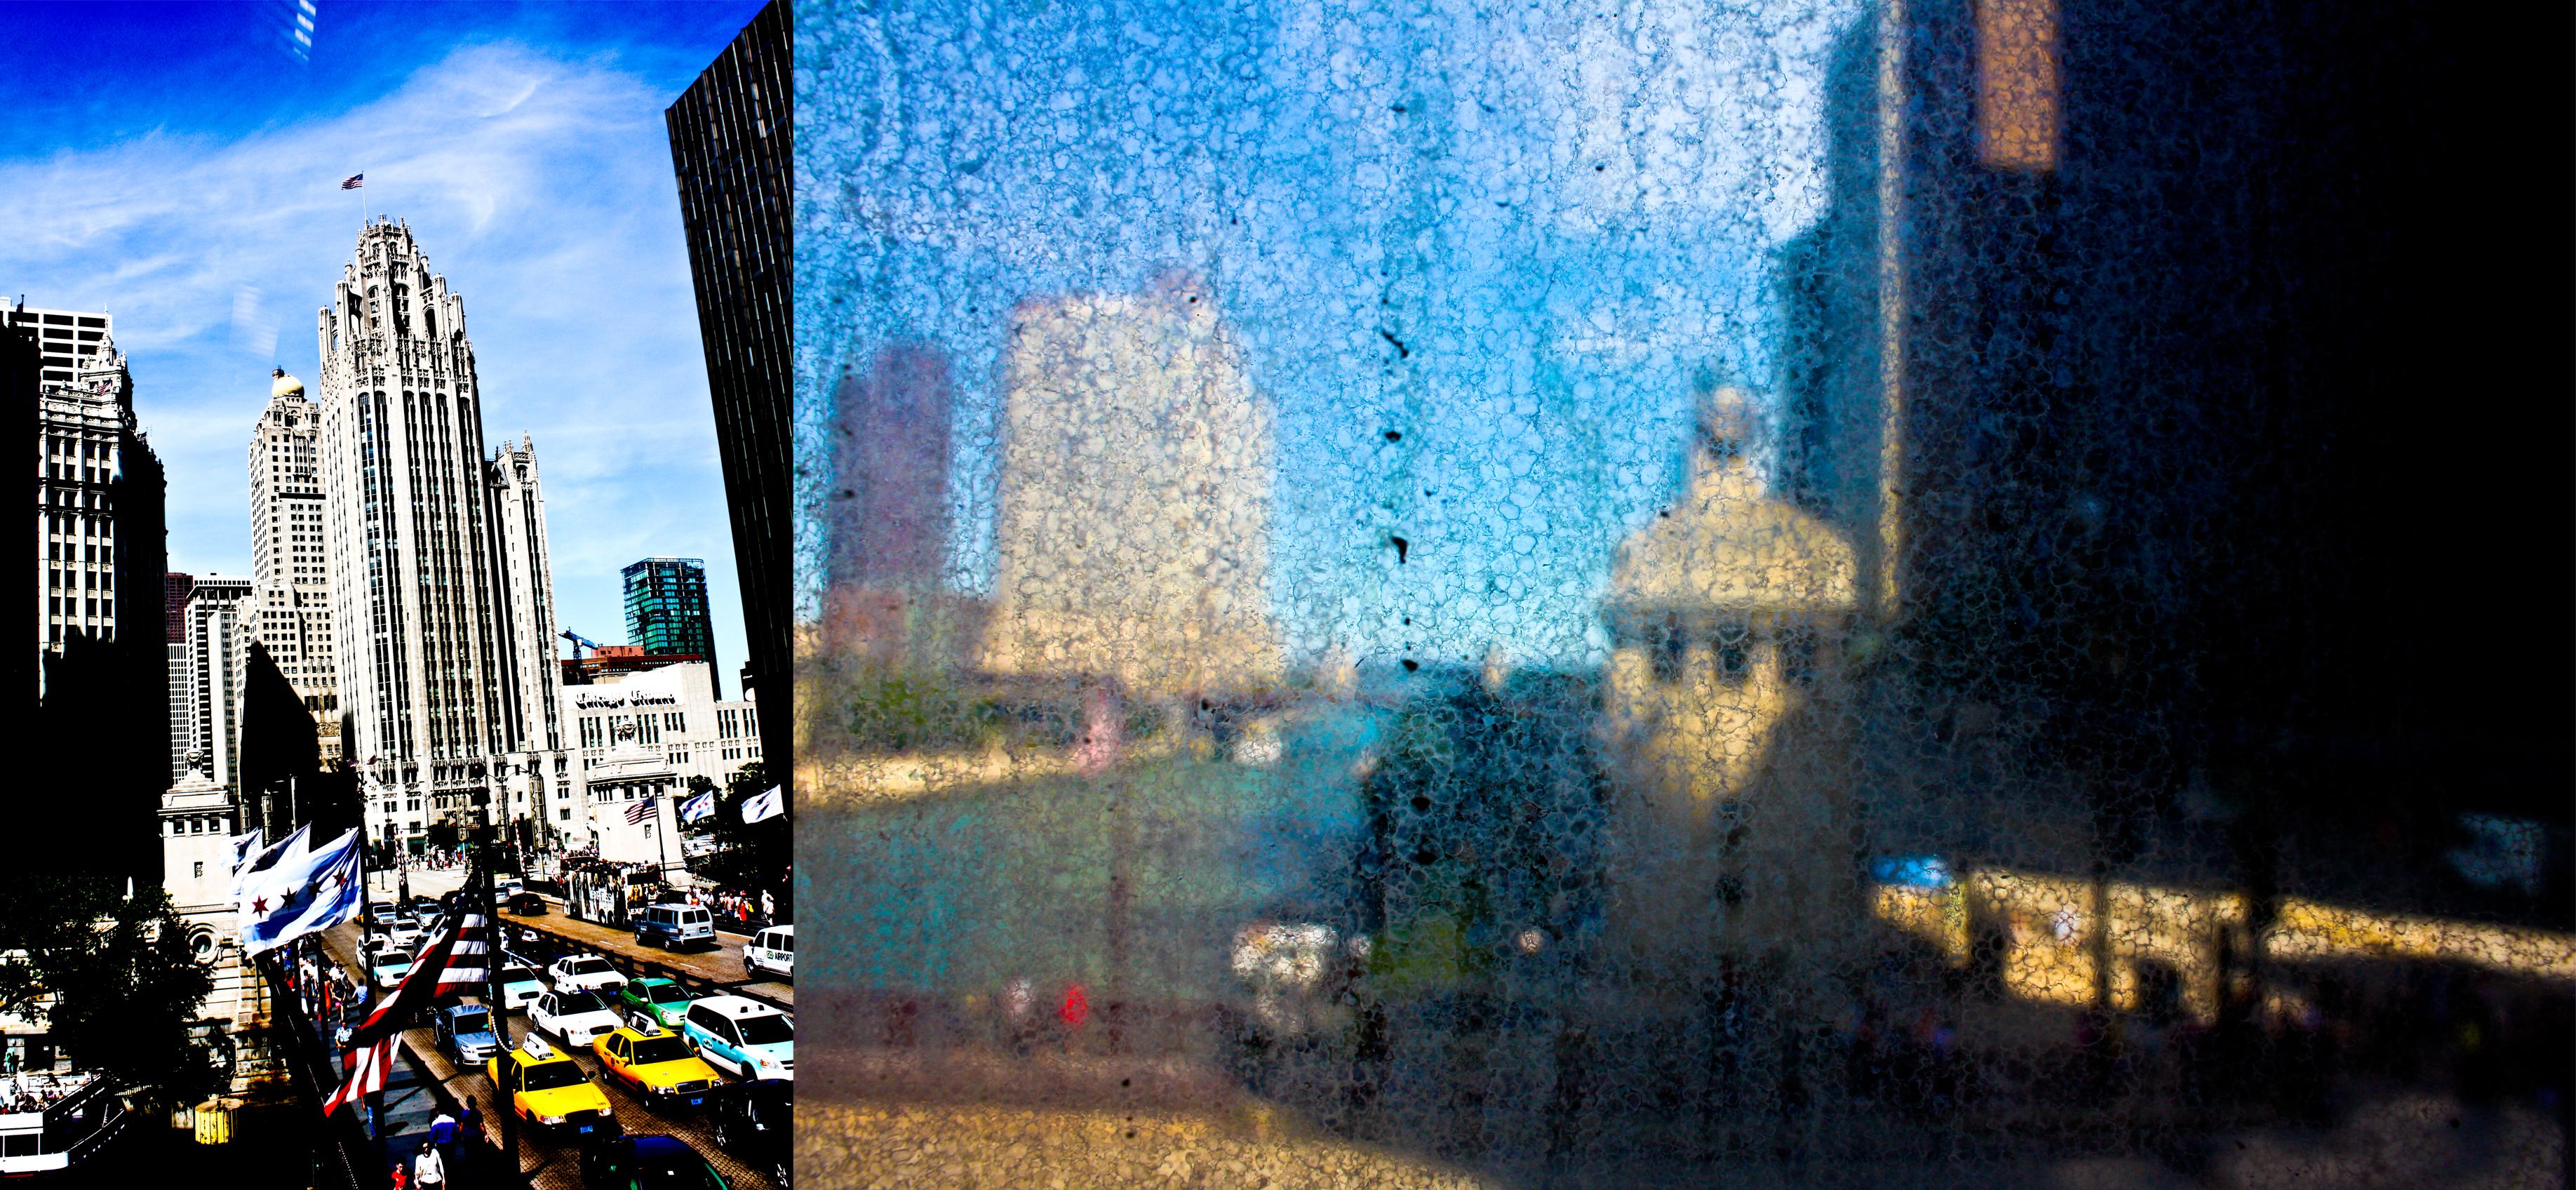 Museum Chicago Michigan Avenue Michigan Avenue Chicago